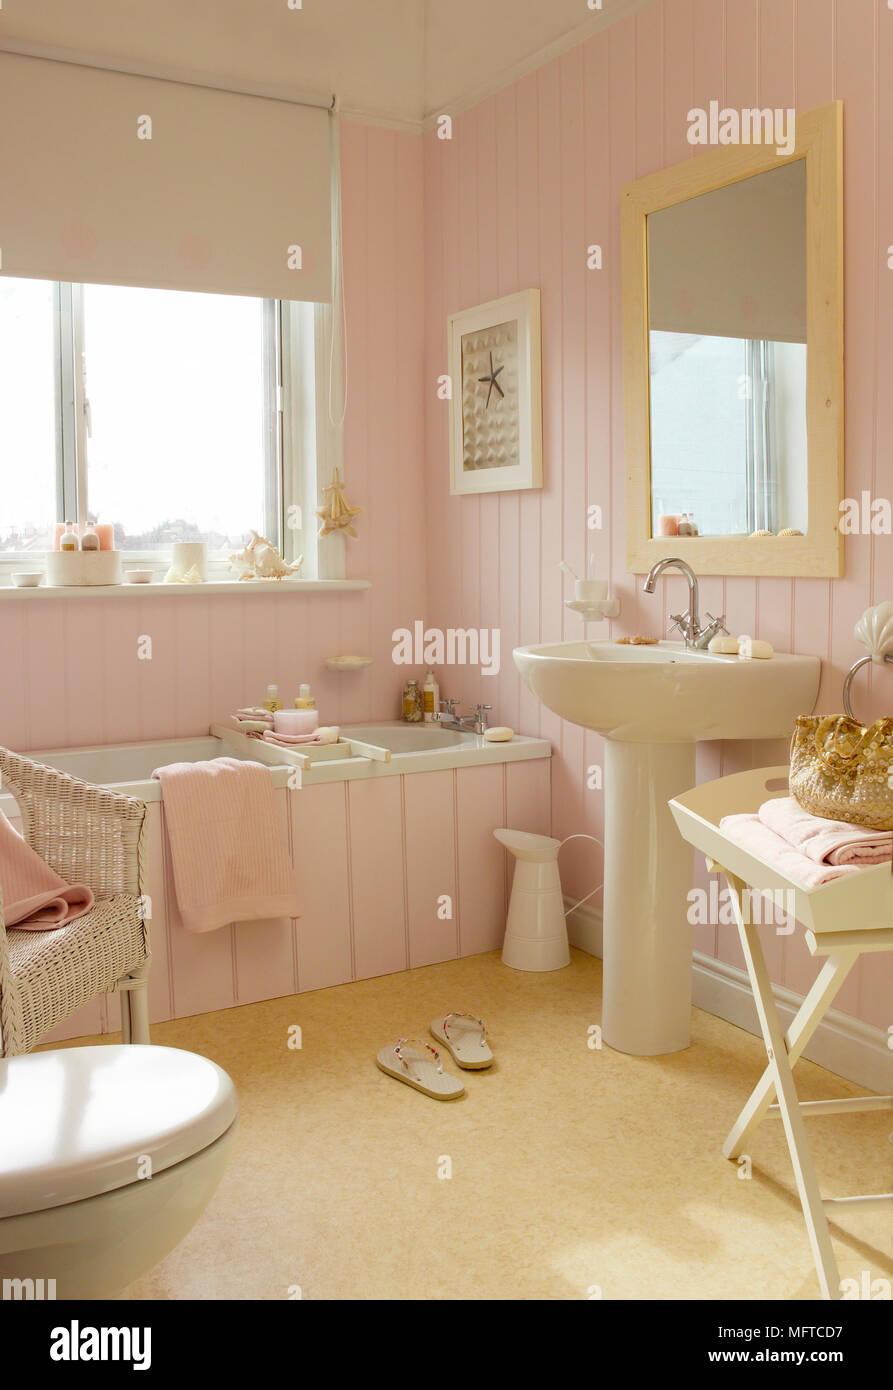 Lavabo sur colonne à côté de baignoire dans salle de bains rose ...